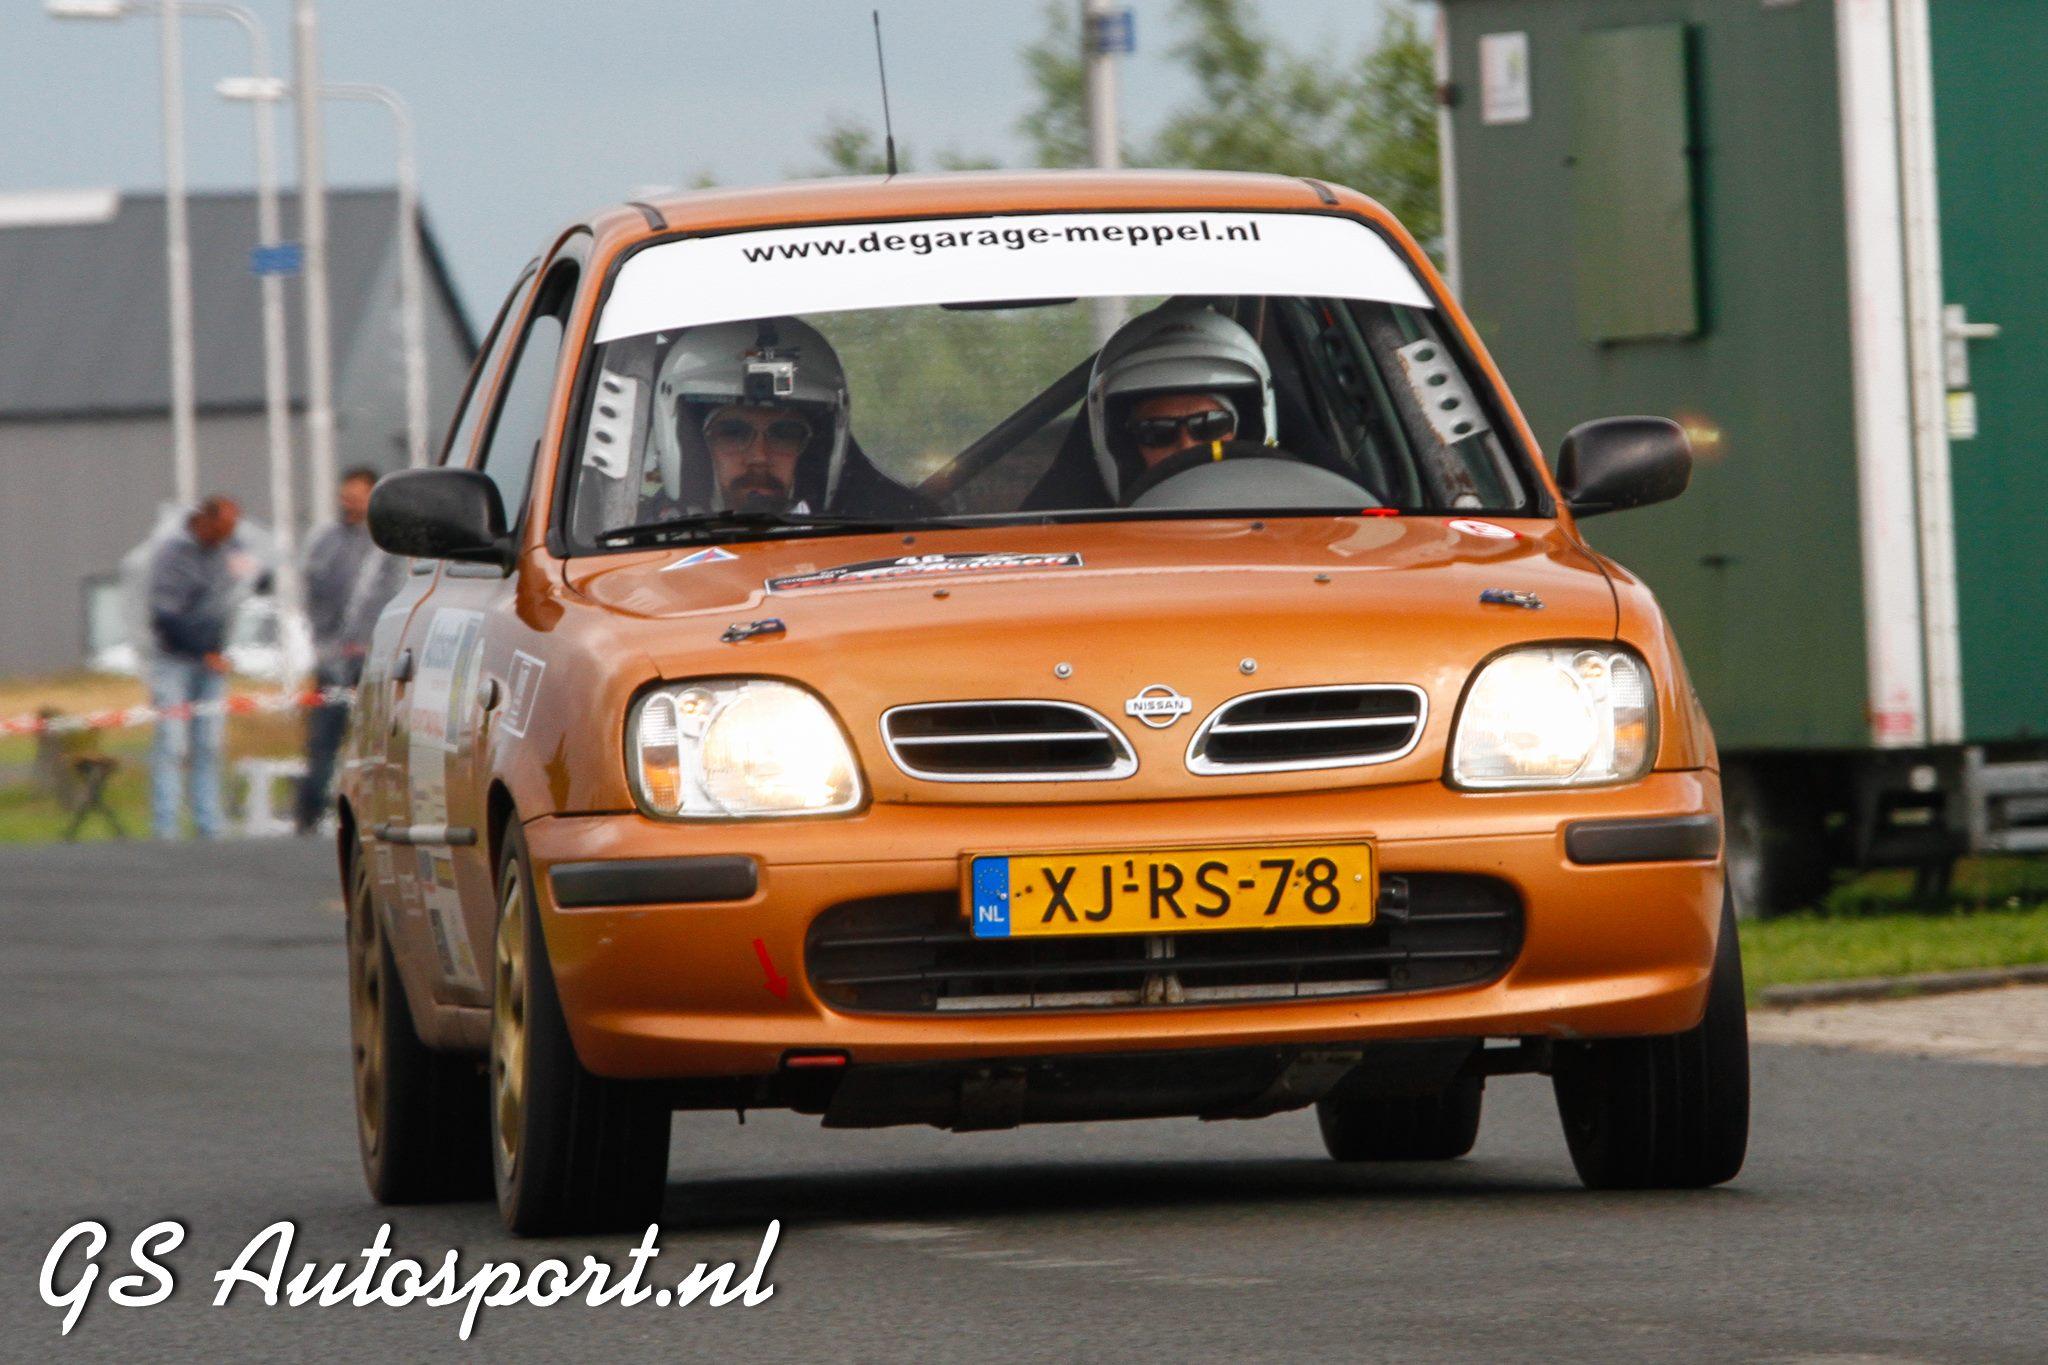 Gertjan_Schutten-gsautosport_FB